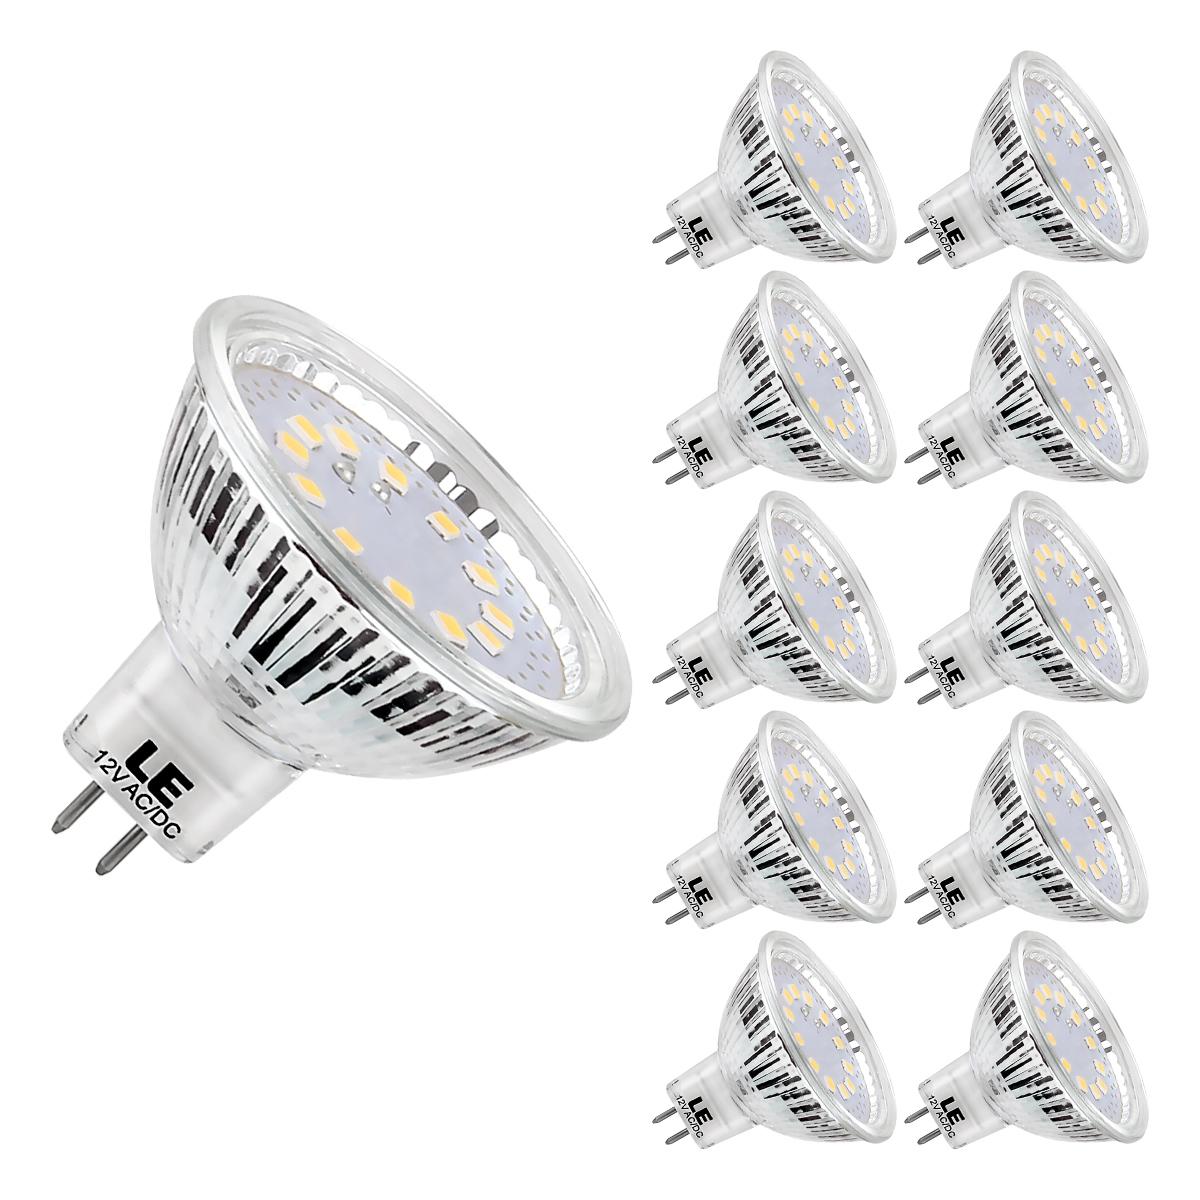 3,5W MR16 GU5.3 LED Lampen, 12V 280lm Birnen, 120 ° Abstrahlwinkel, ersetzt 35W Halogenlampen, Kaltweiß, 10er Pack